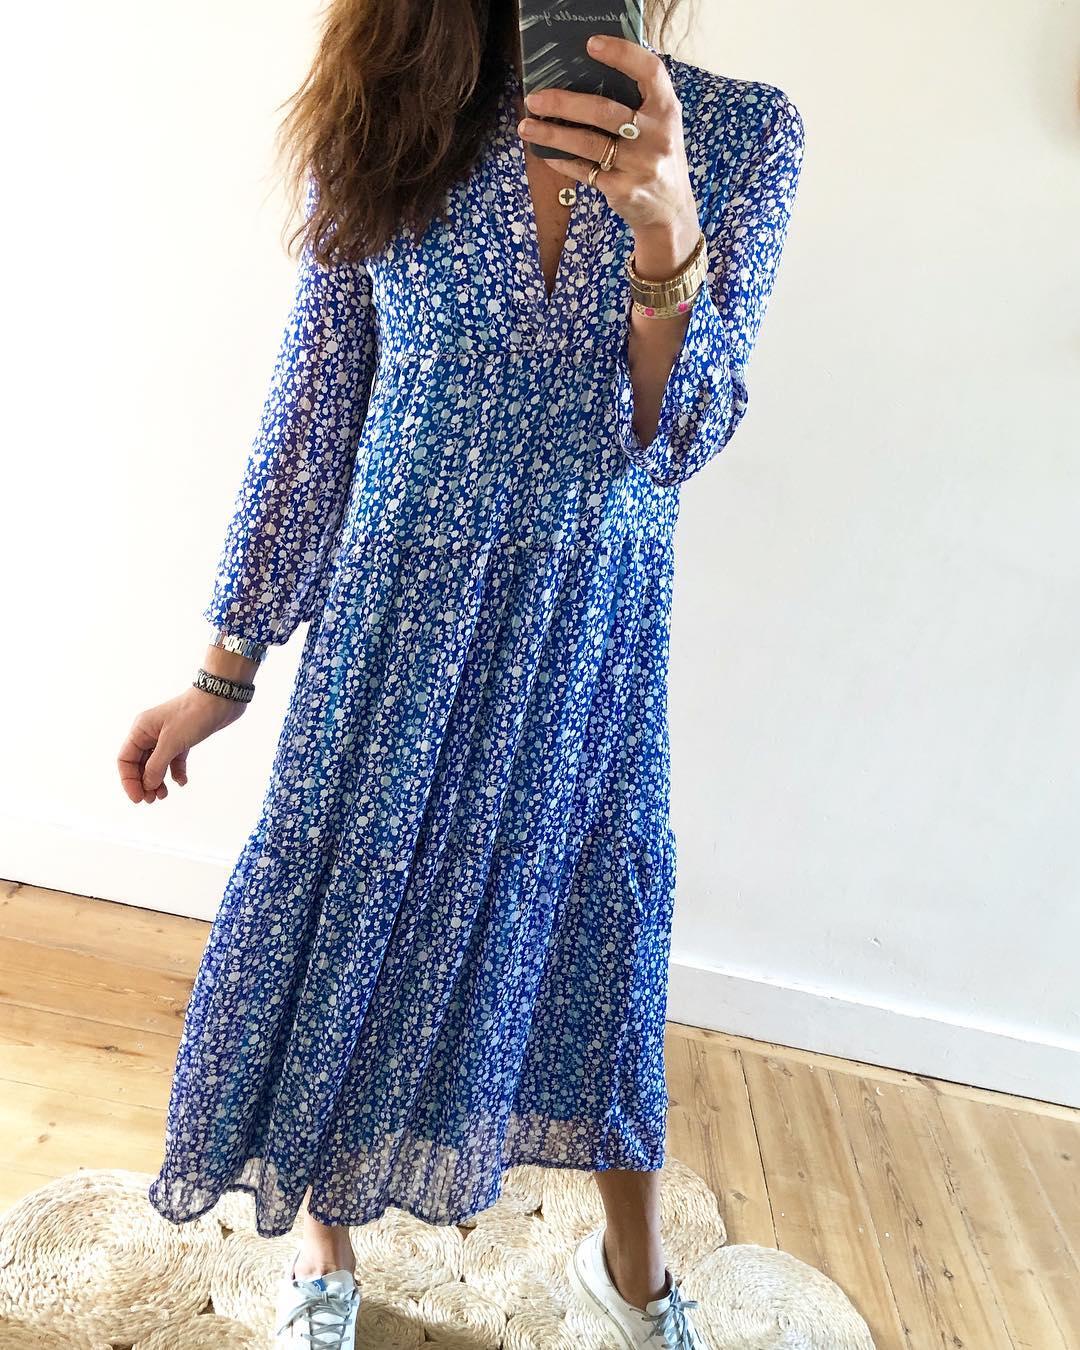 longue robe bleue jenny de Les Bourgeoises sur mademoiselleyoushop